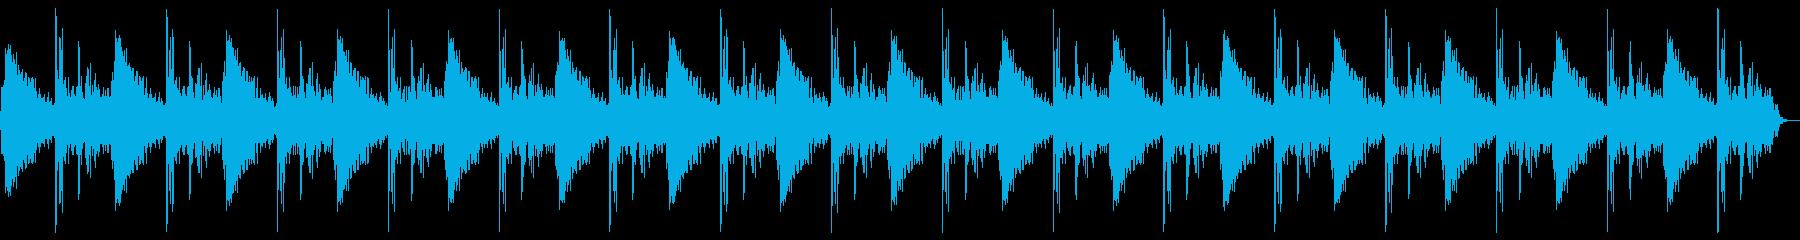 ドン、バーン(爆発)のループの再生済みの波形